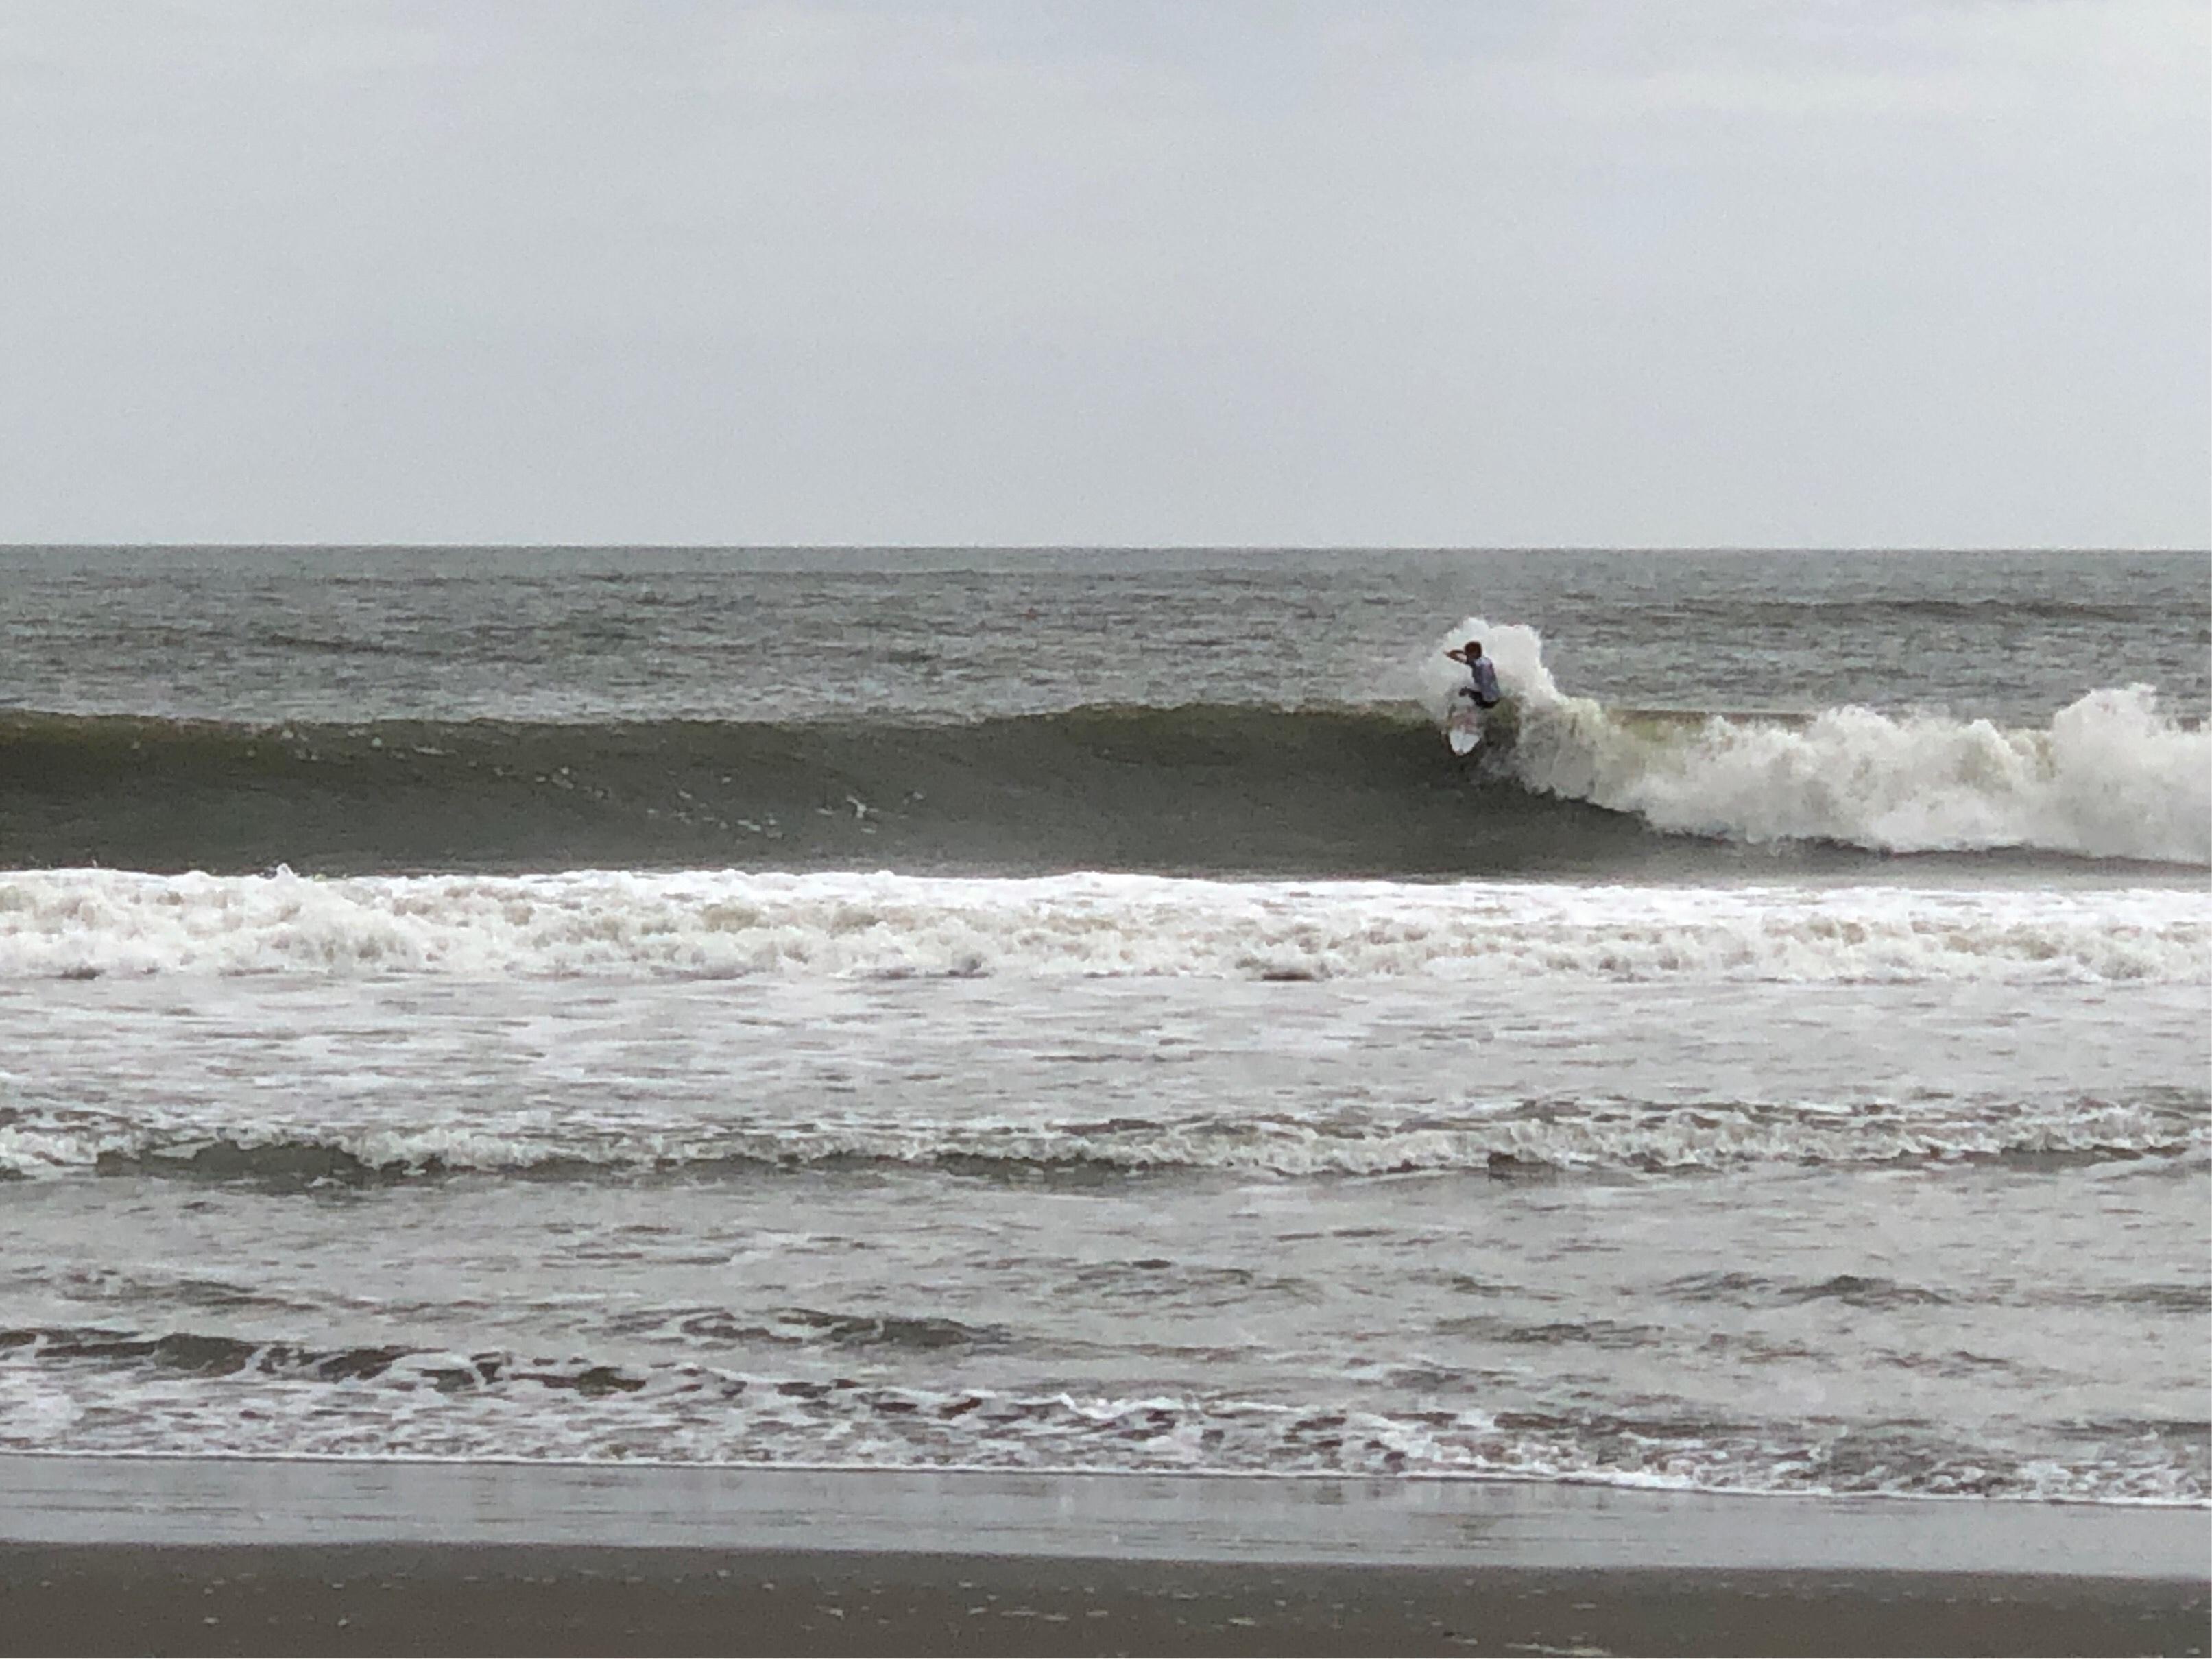 【2019.5.24】全国的に晴れて各地で真夏日、太平洋側は今日もサーフィン楽しめる